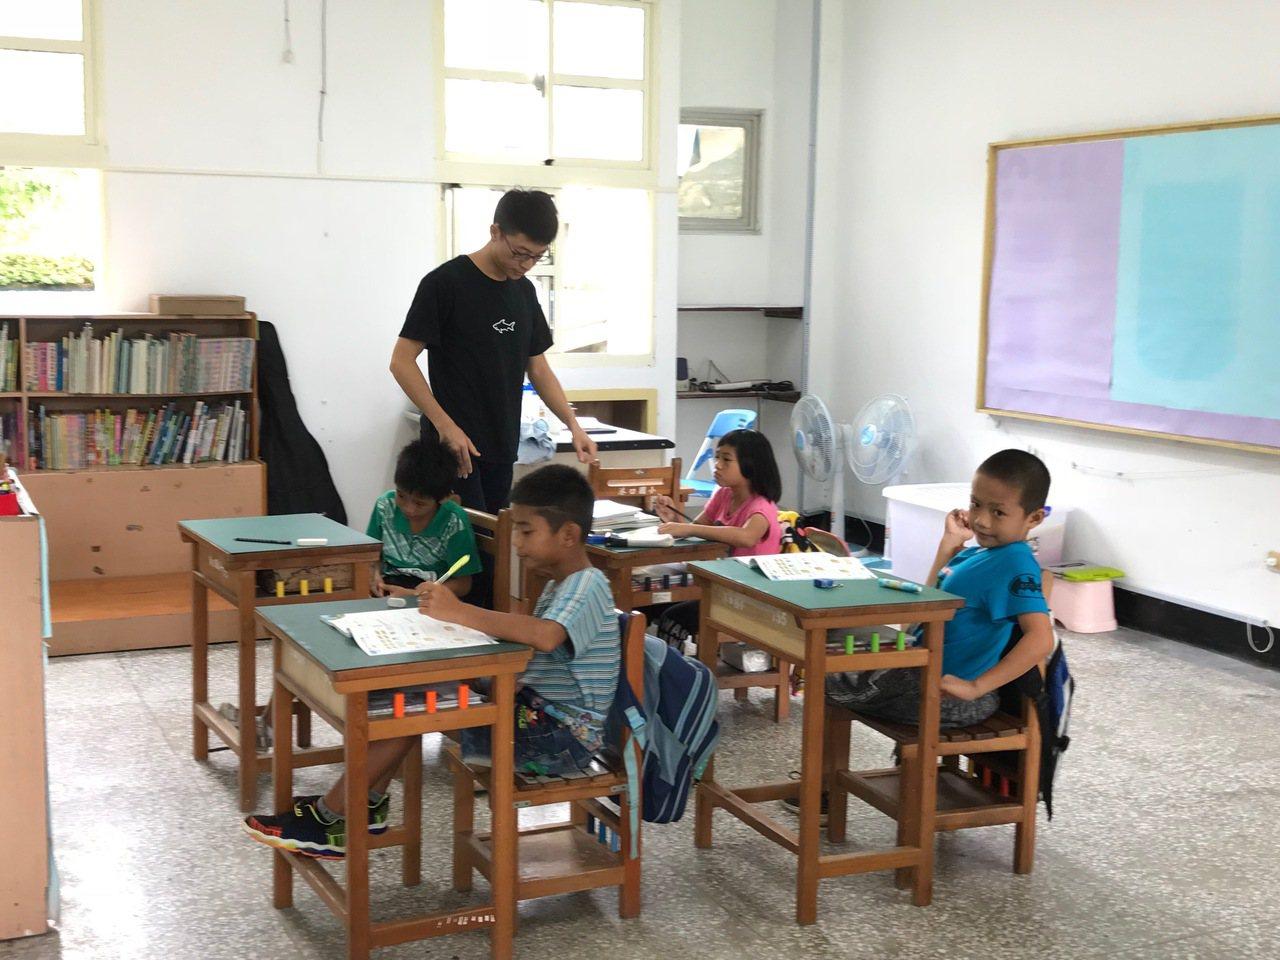 花蓮縣少子化情況趨緩,新的學年度沒有零新生學校,但偏遠小校仍多,教育處表示會與學...